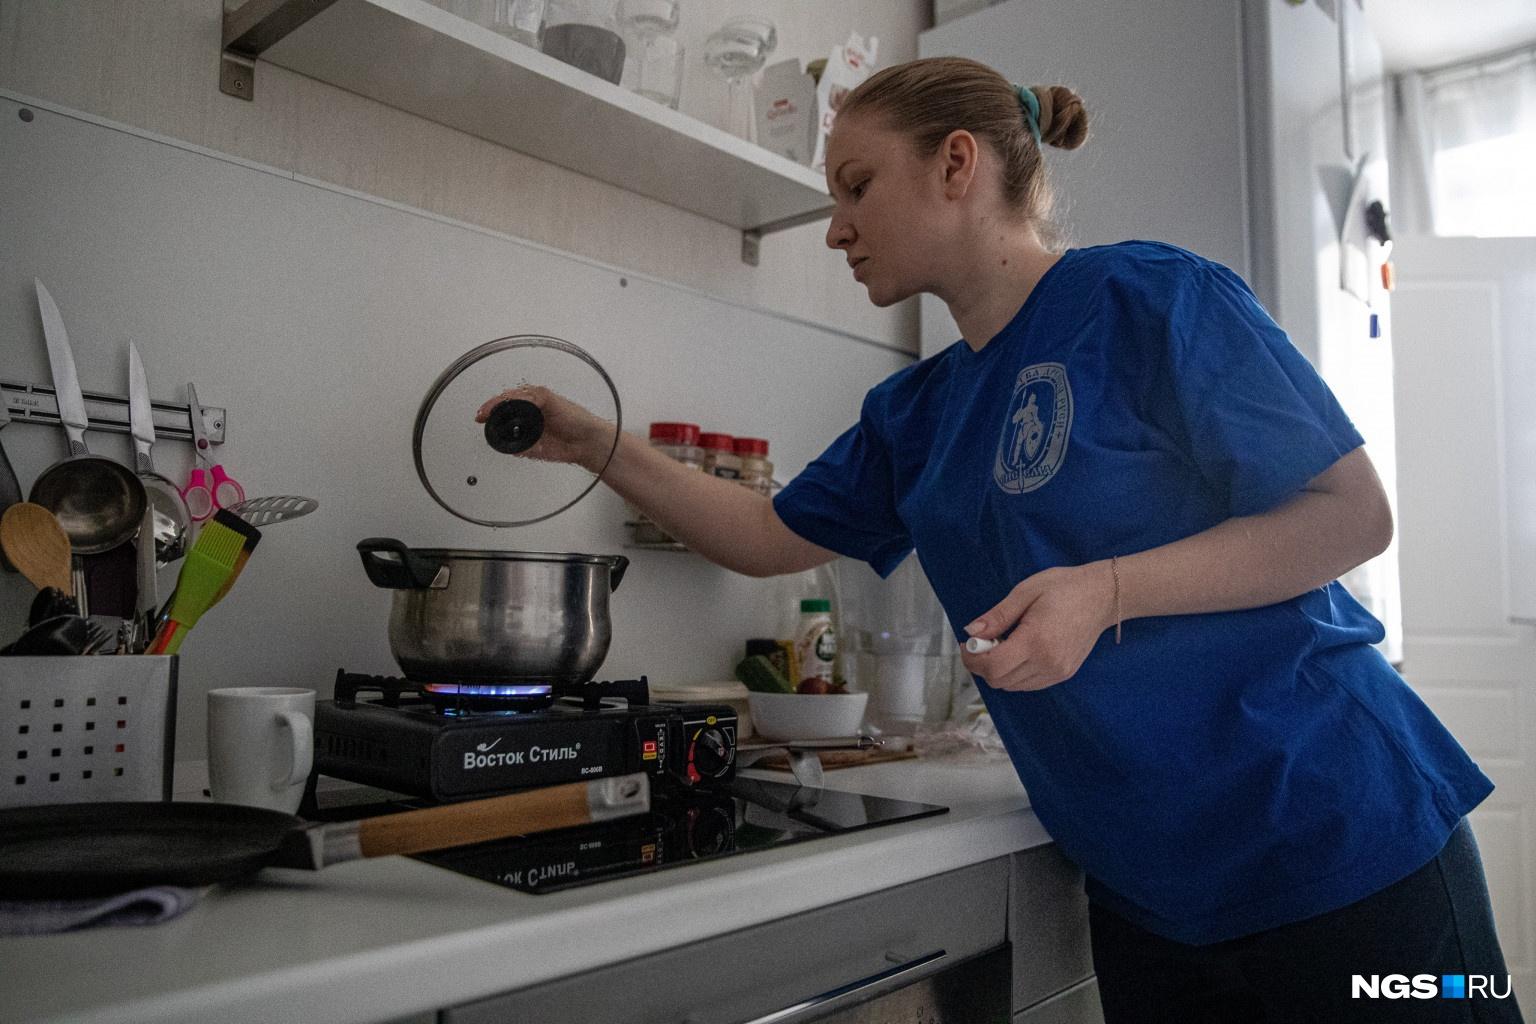 Еще в прошлом году Ангелина купила газовую плитку на случай отключения света